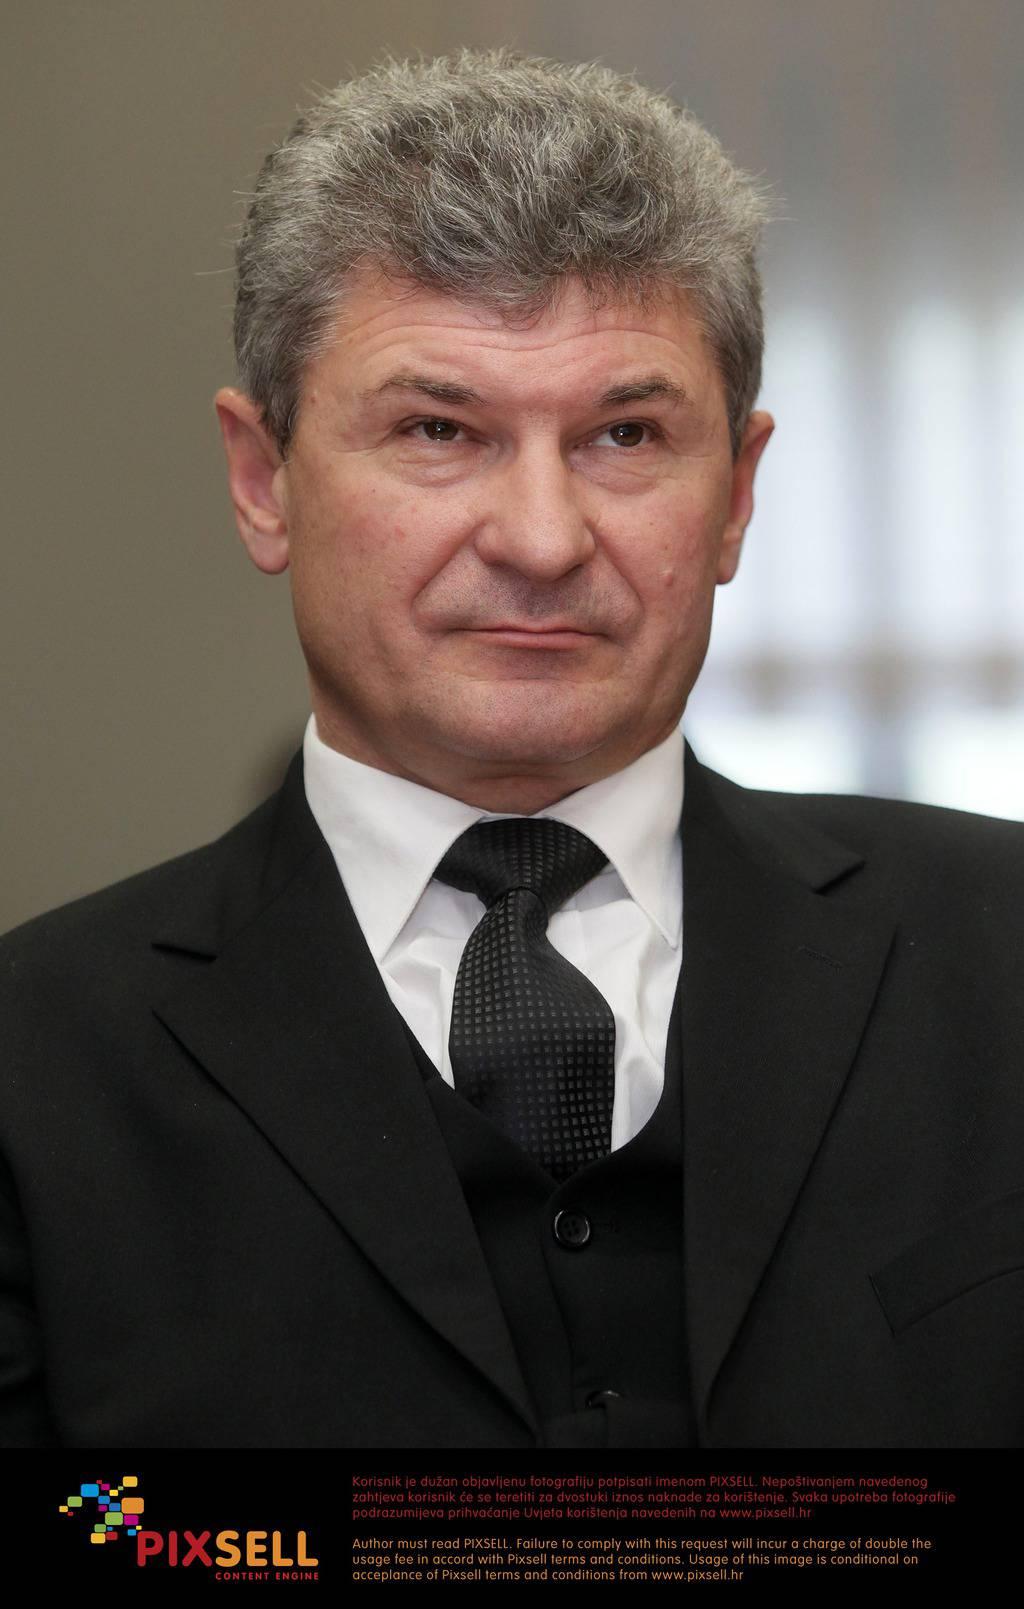 Marijan Sušenj/PIXSELL